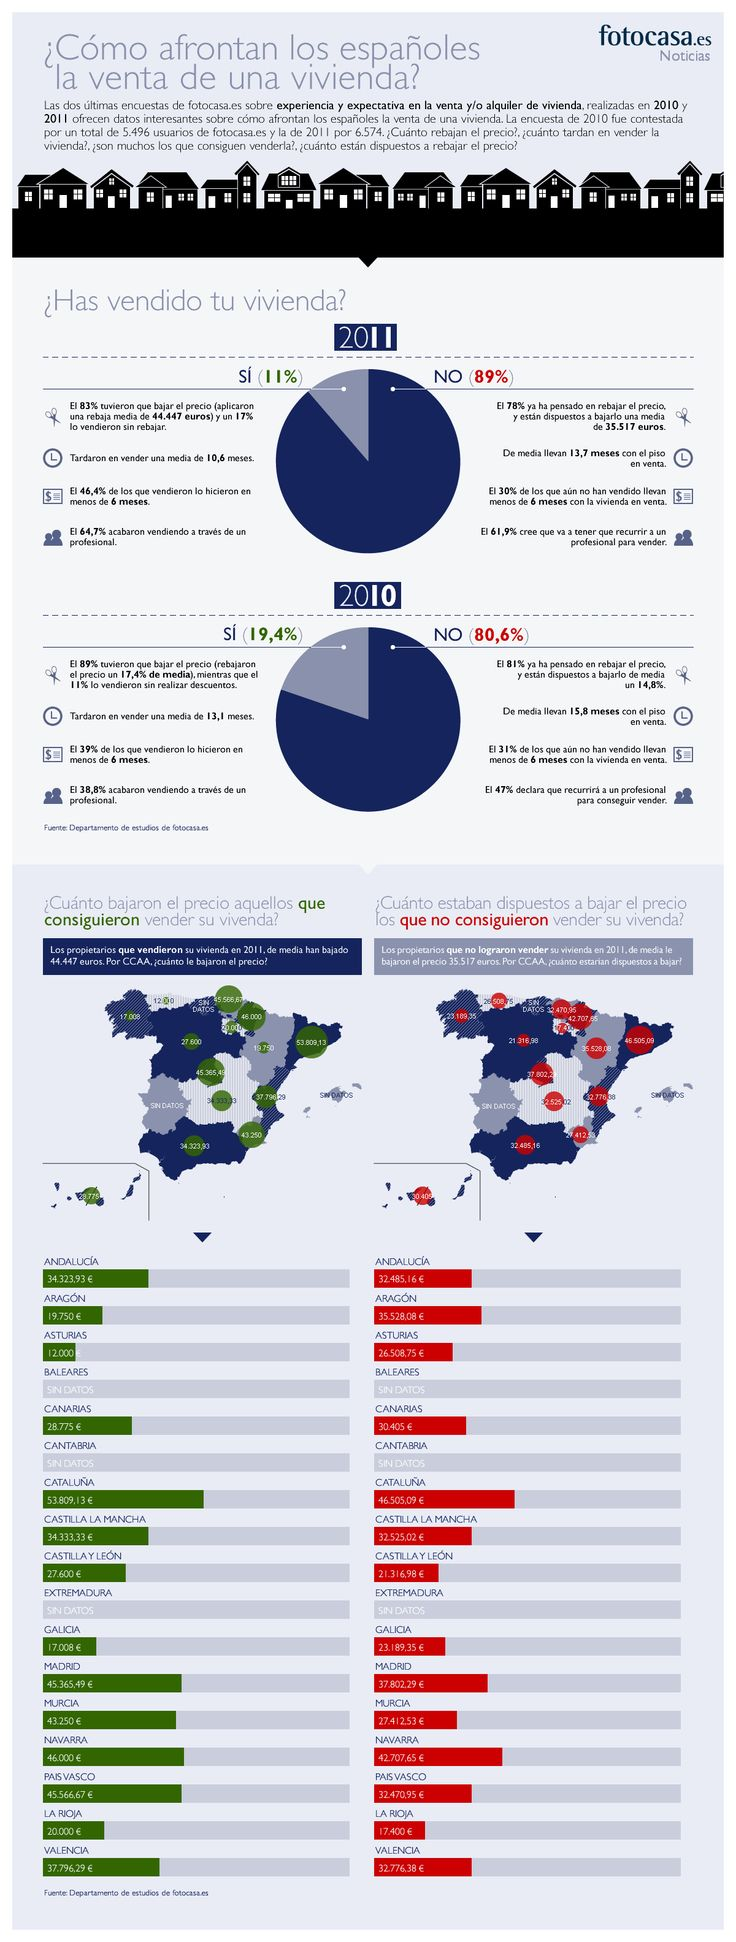 ¿Cómo afrontar la venta de una casa? http://bit.ly/J5Mz6v #Infografía #Inmobiliaria